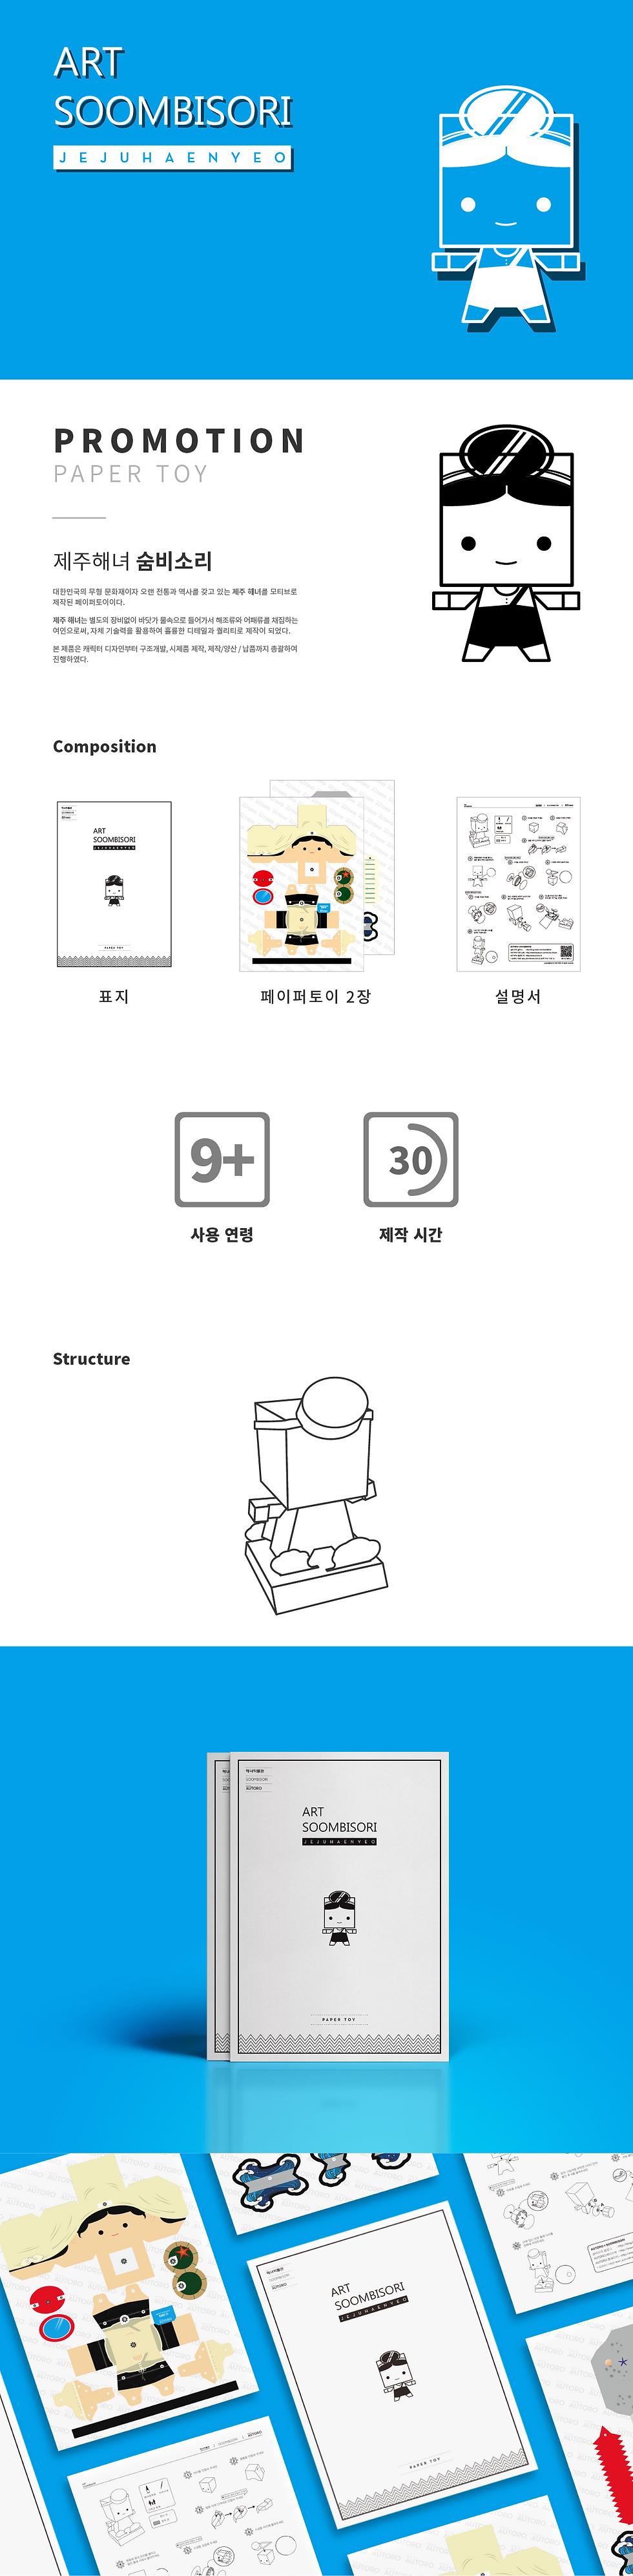 02-01. [2013] 숨비소리_제주해녀_상세페이지.png